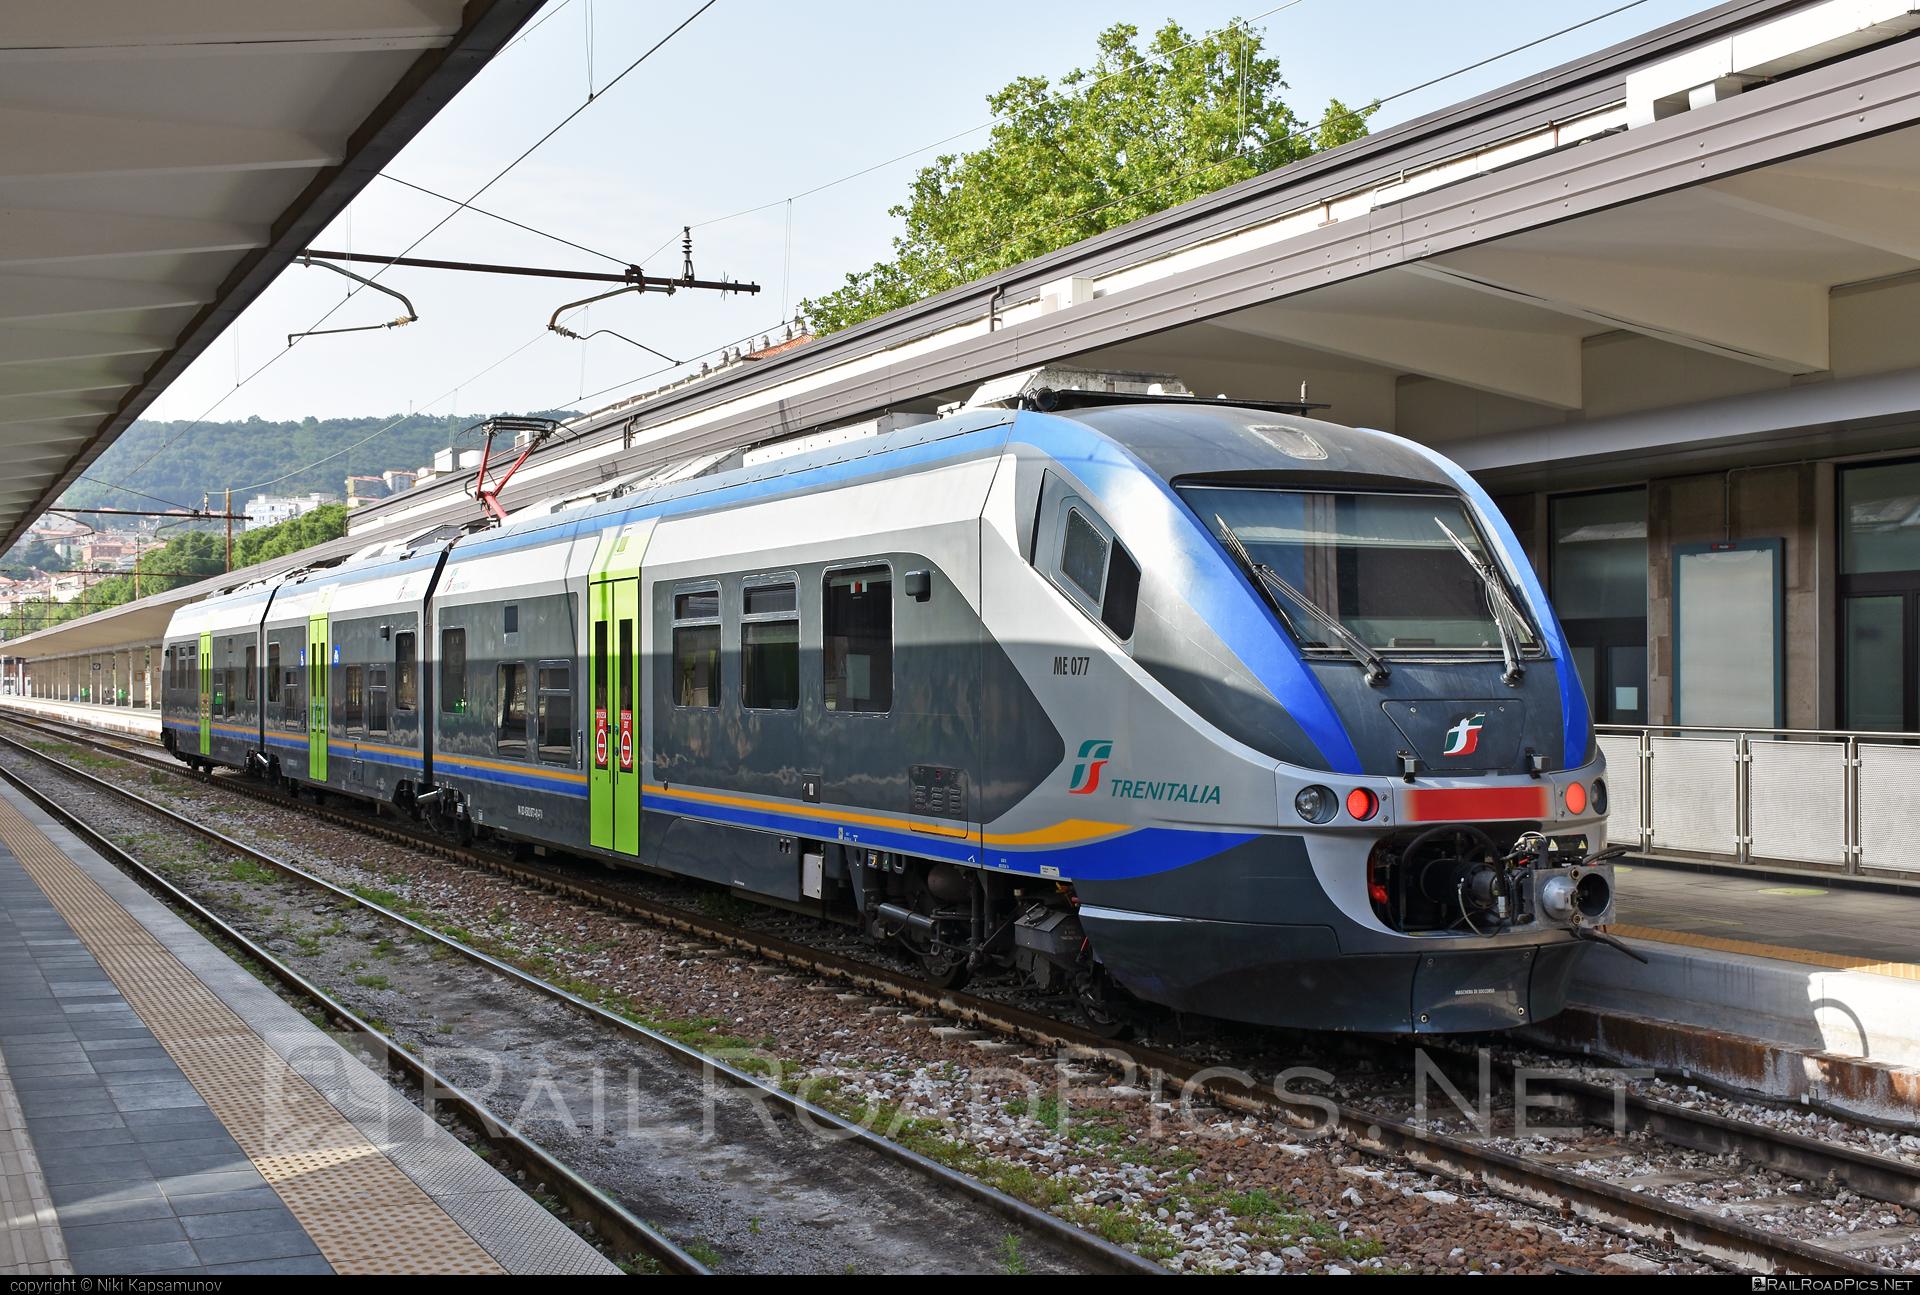 Alstom Minuetto - ME 077 operated by Trenitalia S.p.A. #alstom #alstomminuetto #ferroviedellostato #fs #fsitaliane #minuetto #trenitalia #trenitaliaspa